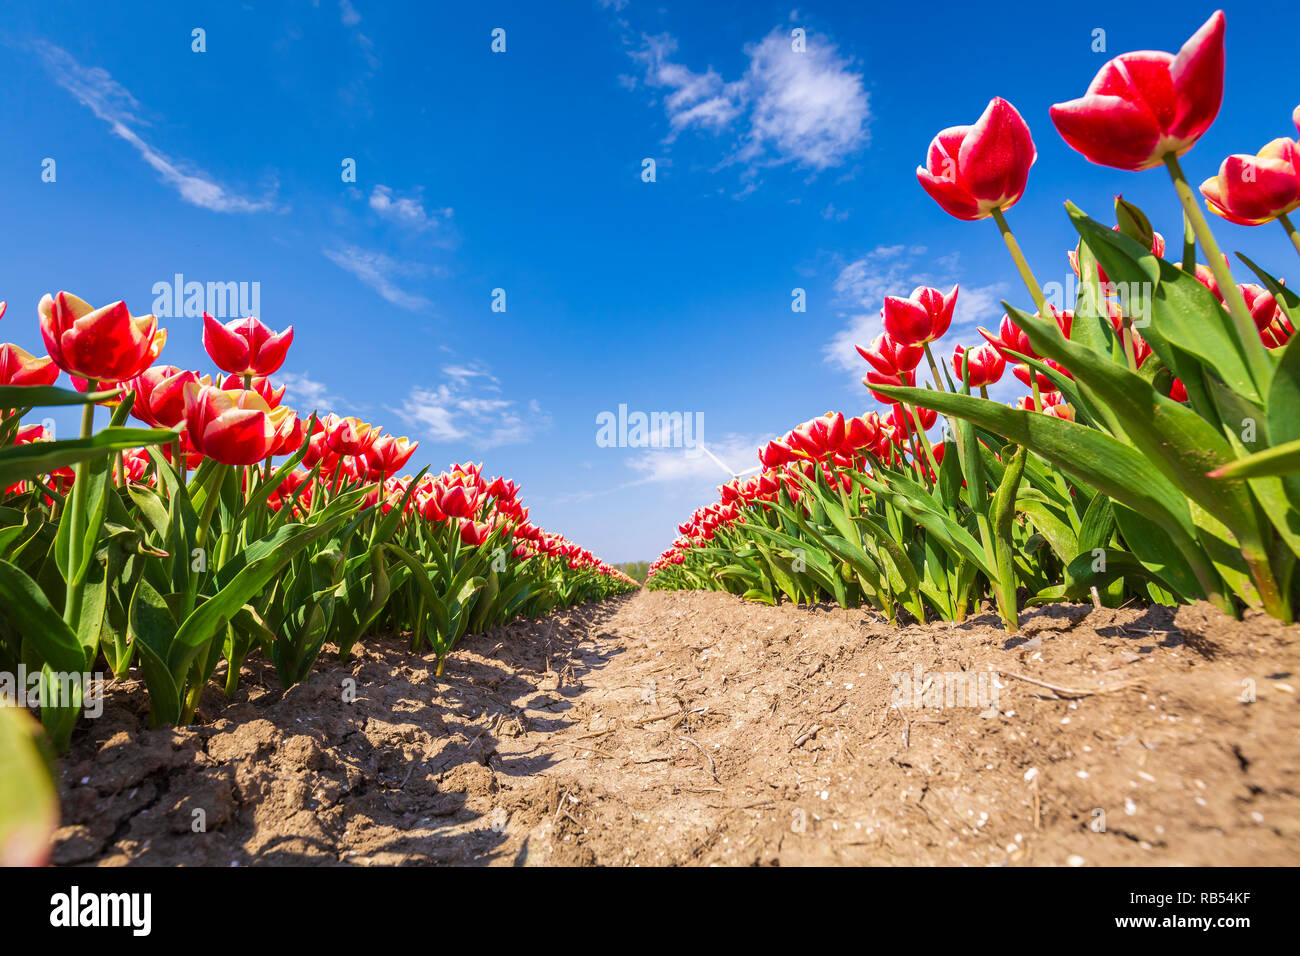 114ae536ab30 Primer plano de las filas holandés flamed tulipanes rojos y blancos en un  campo de flores en Holanda